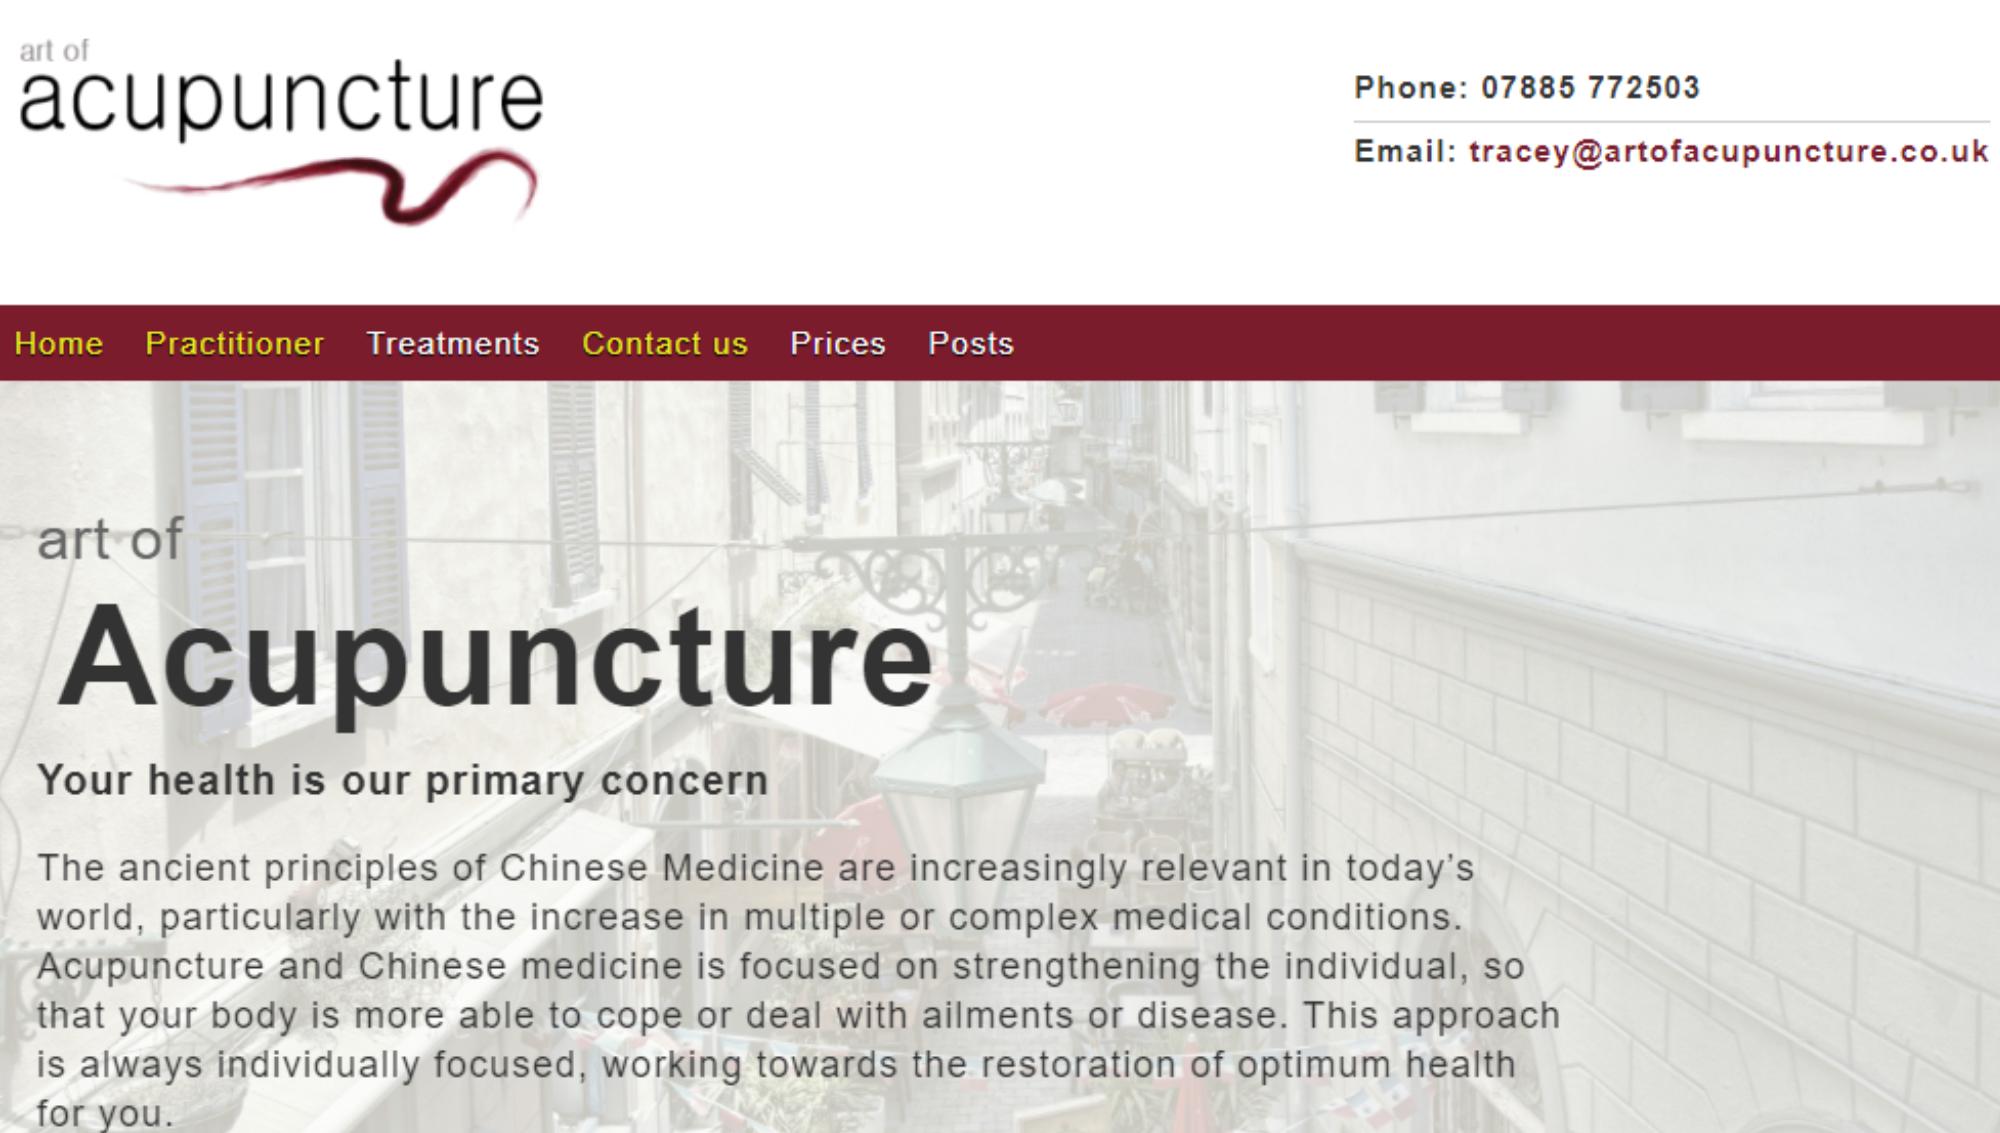 artofacupuncture.co.uk